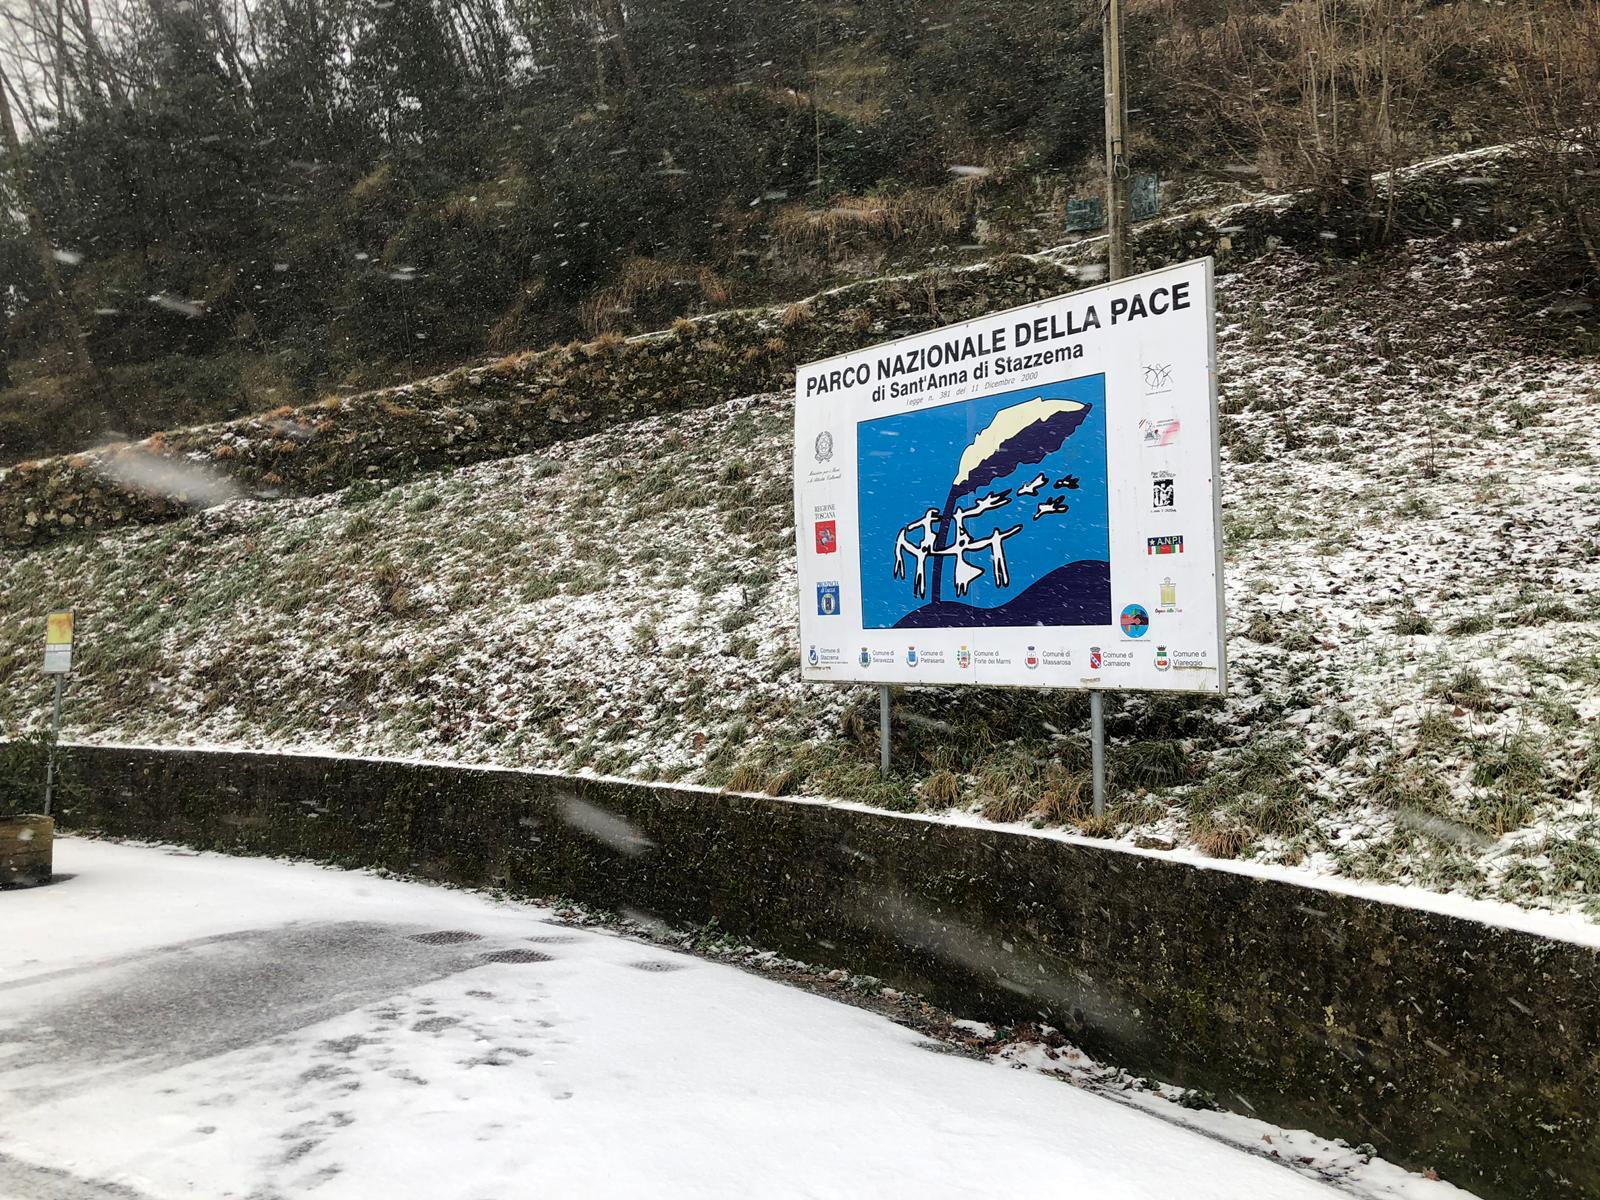 La nevicata in Alta Versilia nelle foto di Valerio Vespignani